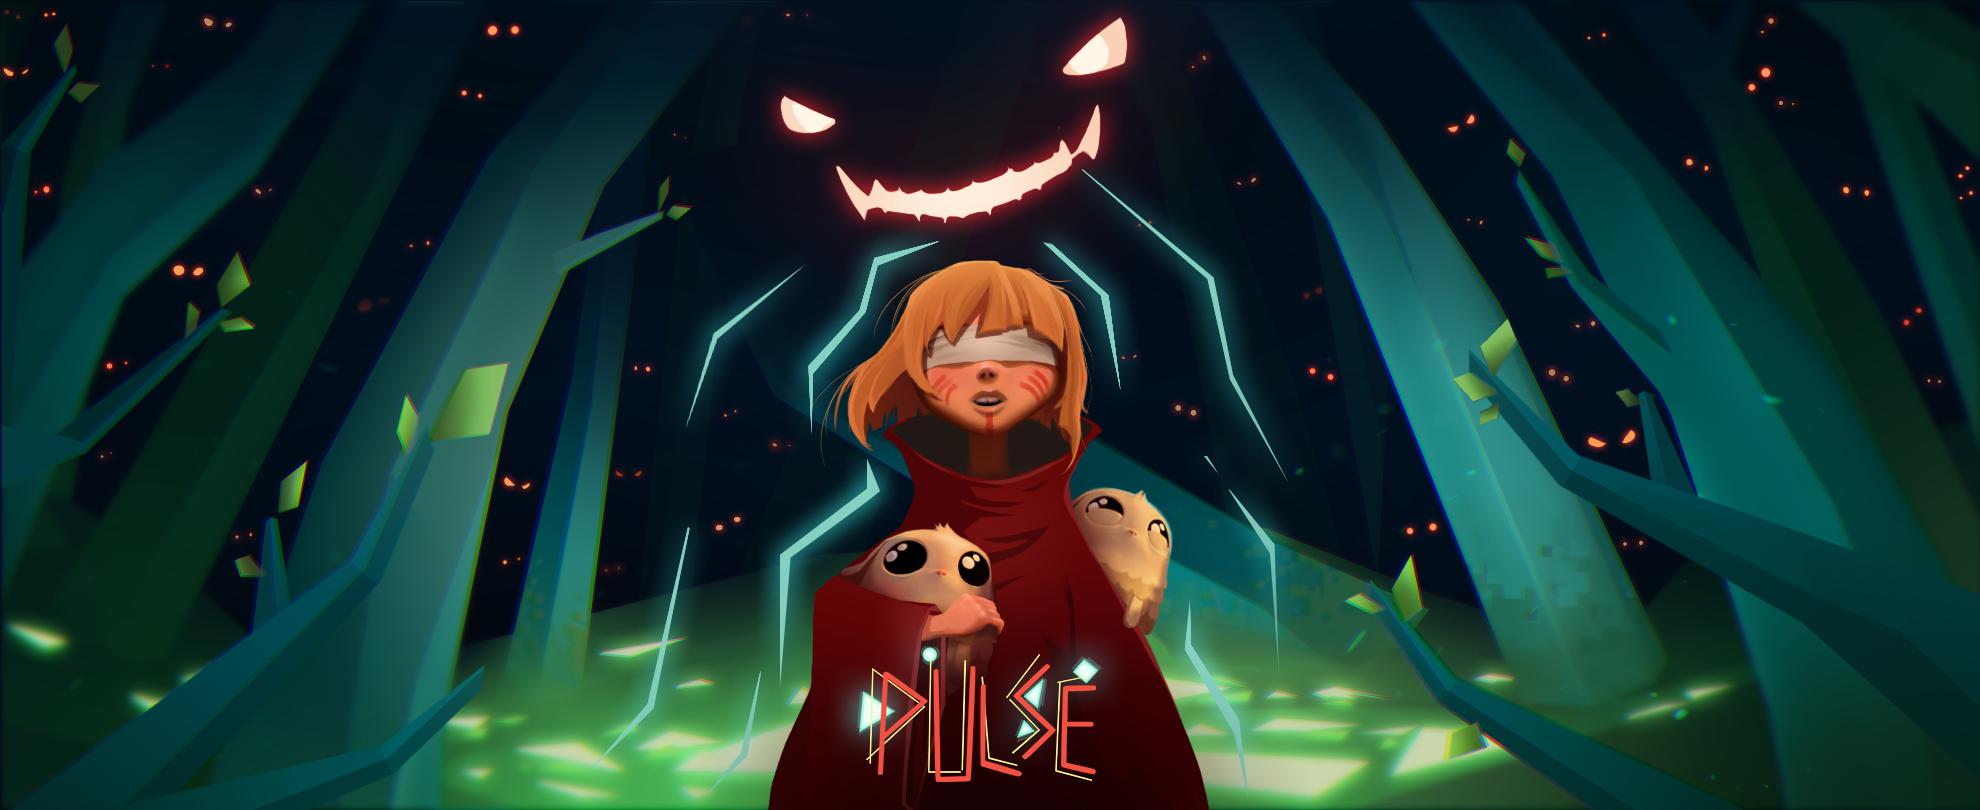 Pulse_KeyArt_A